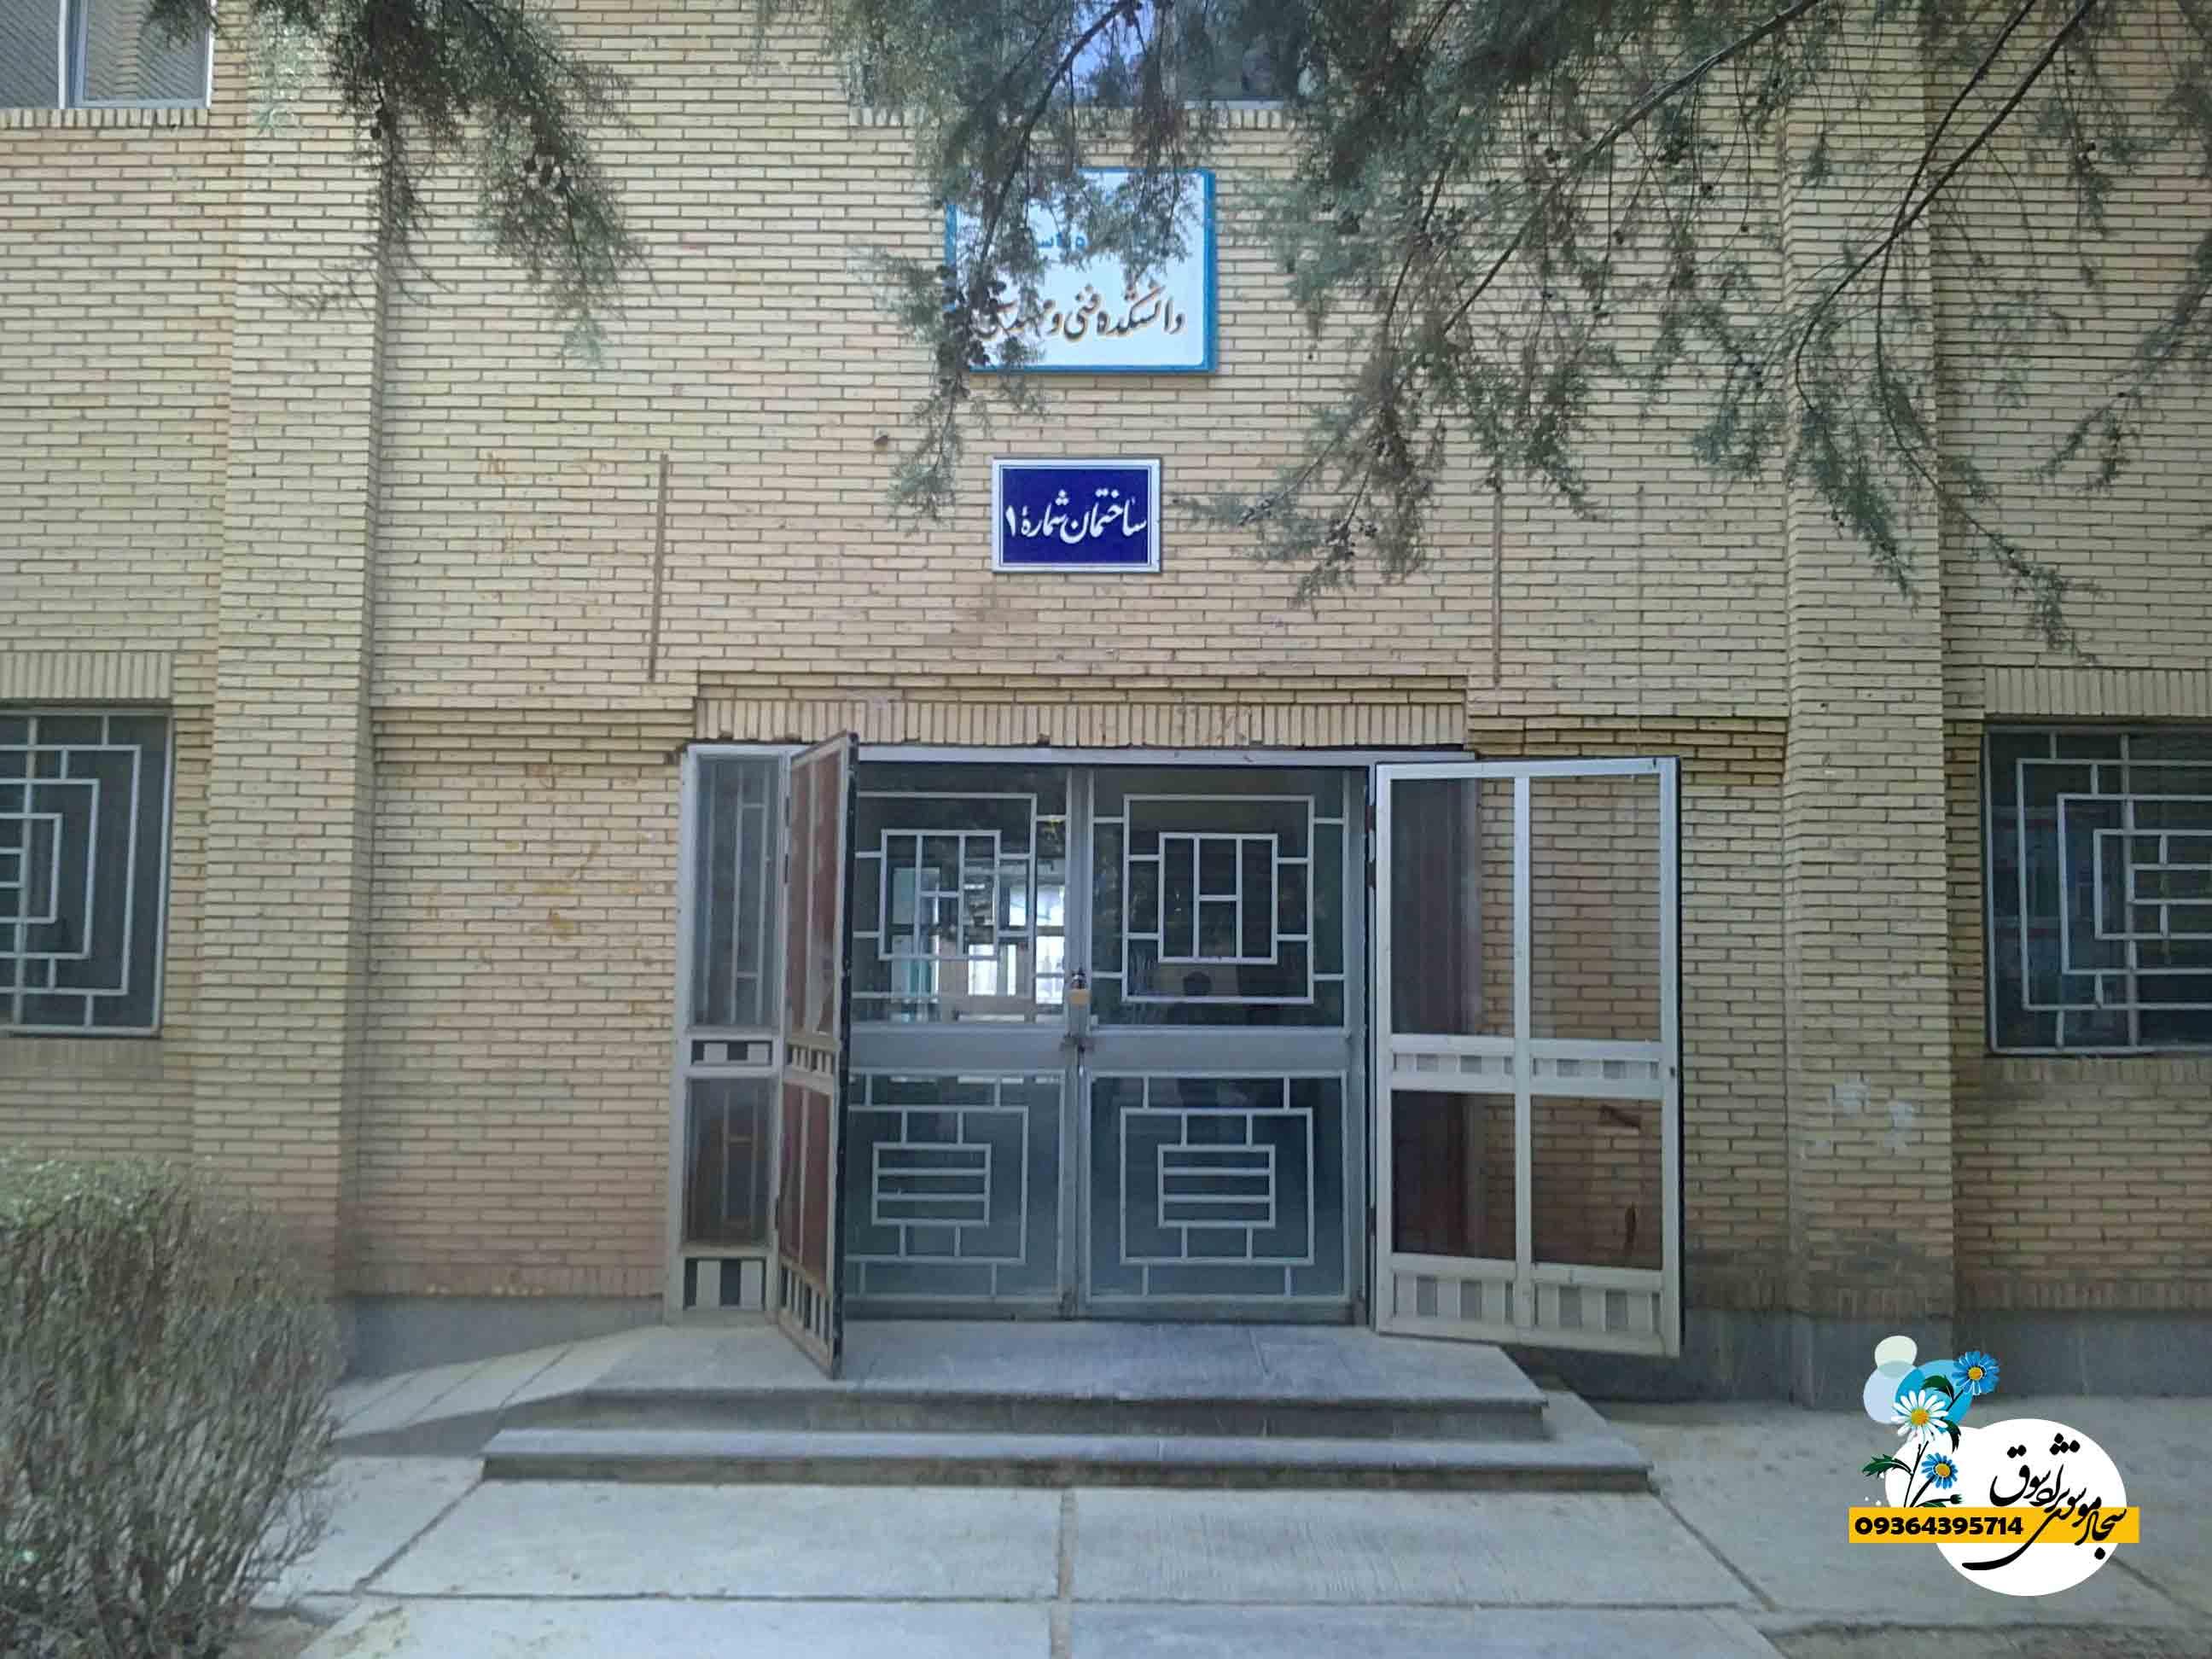 دانشکده فنی و مهندسی - ساختمان شماره 1 - دانشگاه یاسوج - اسفند 90